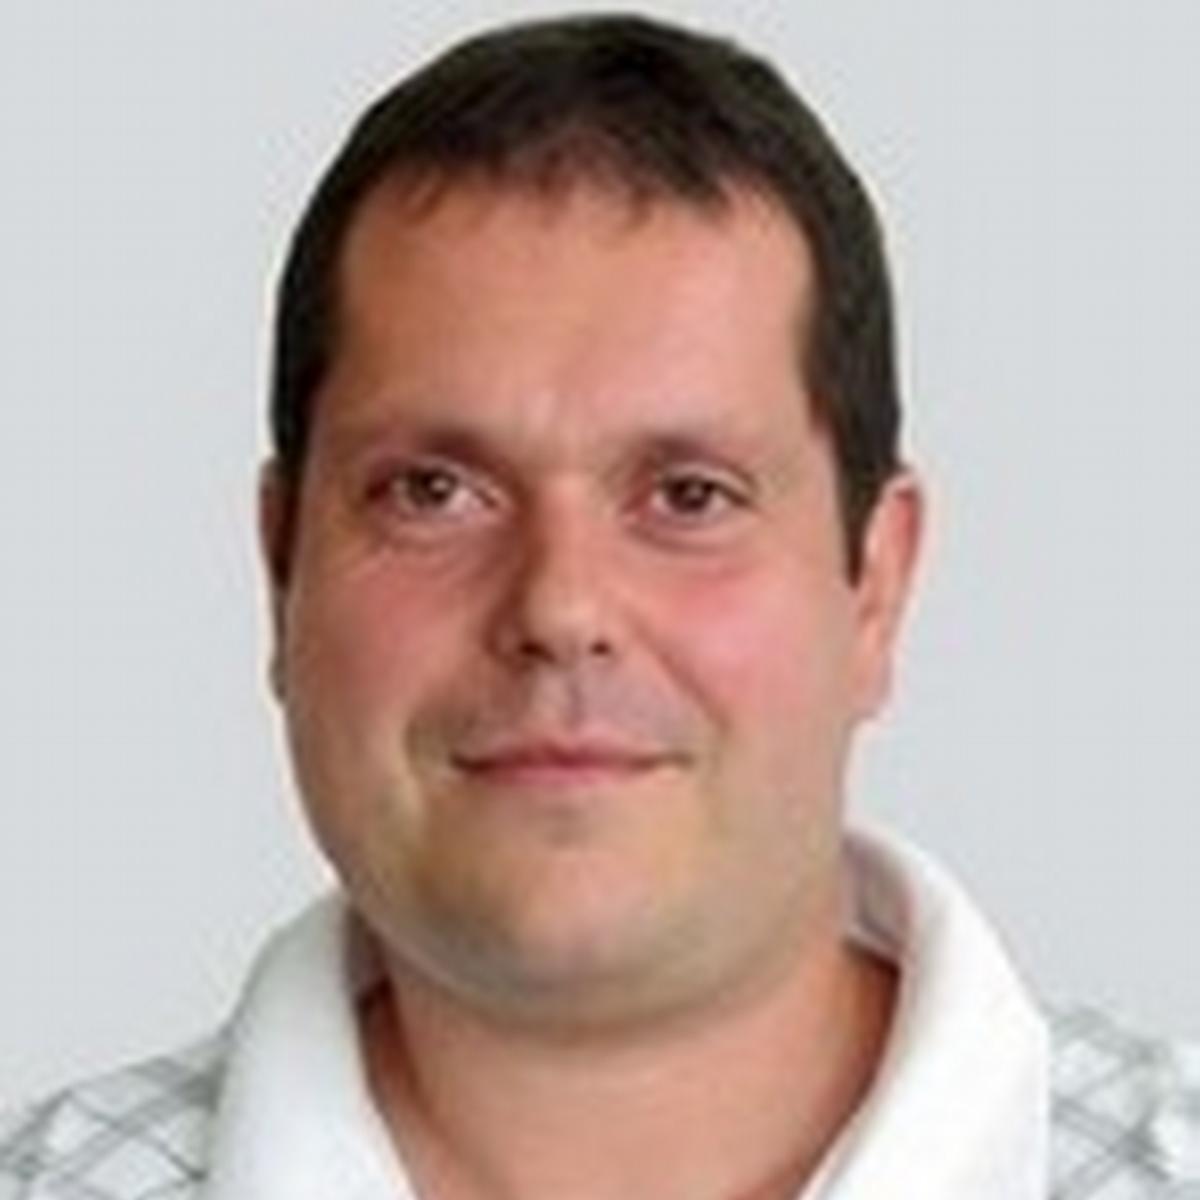 Marek Stefanidis